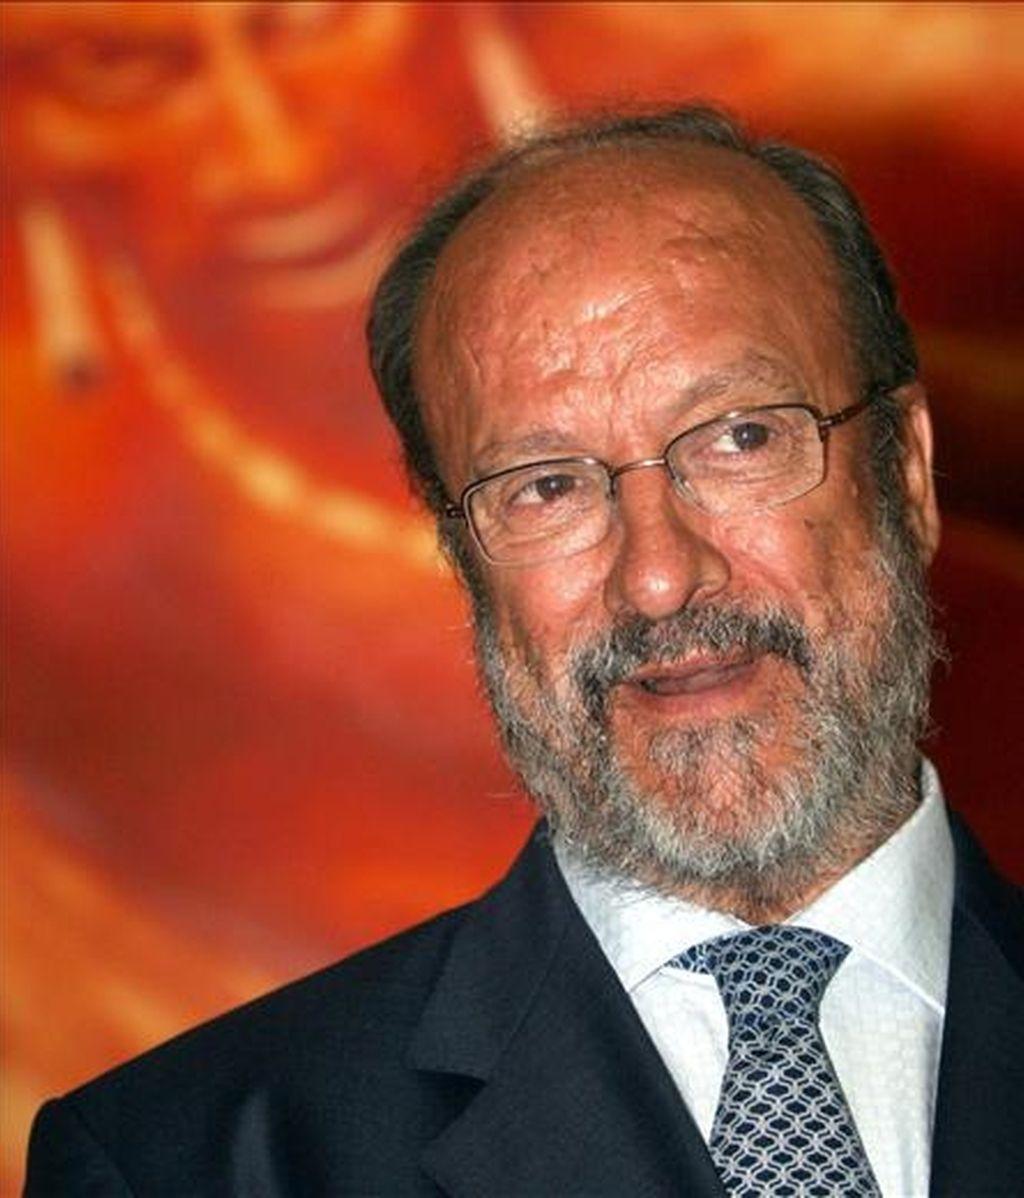 El alcalde de Valladolid, Francisco Javier León de la Riva. EFE/Archivo